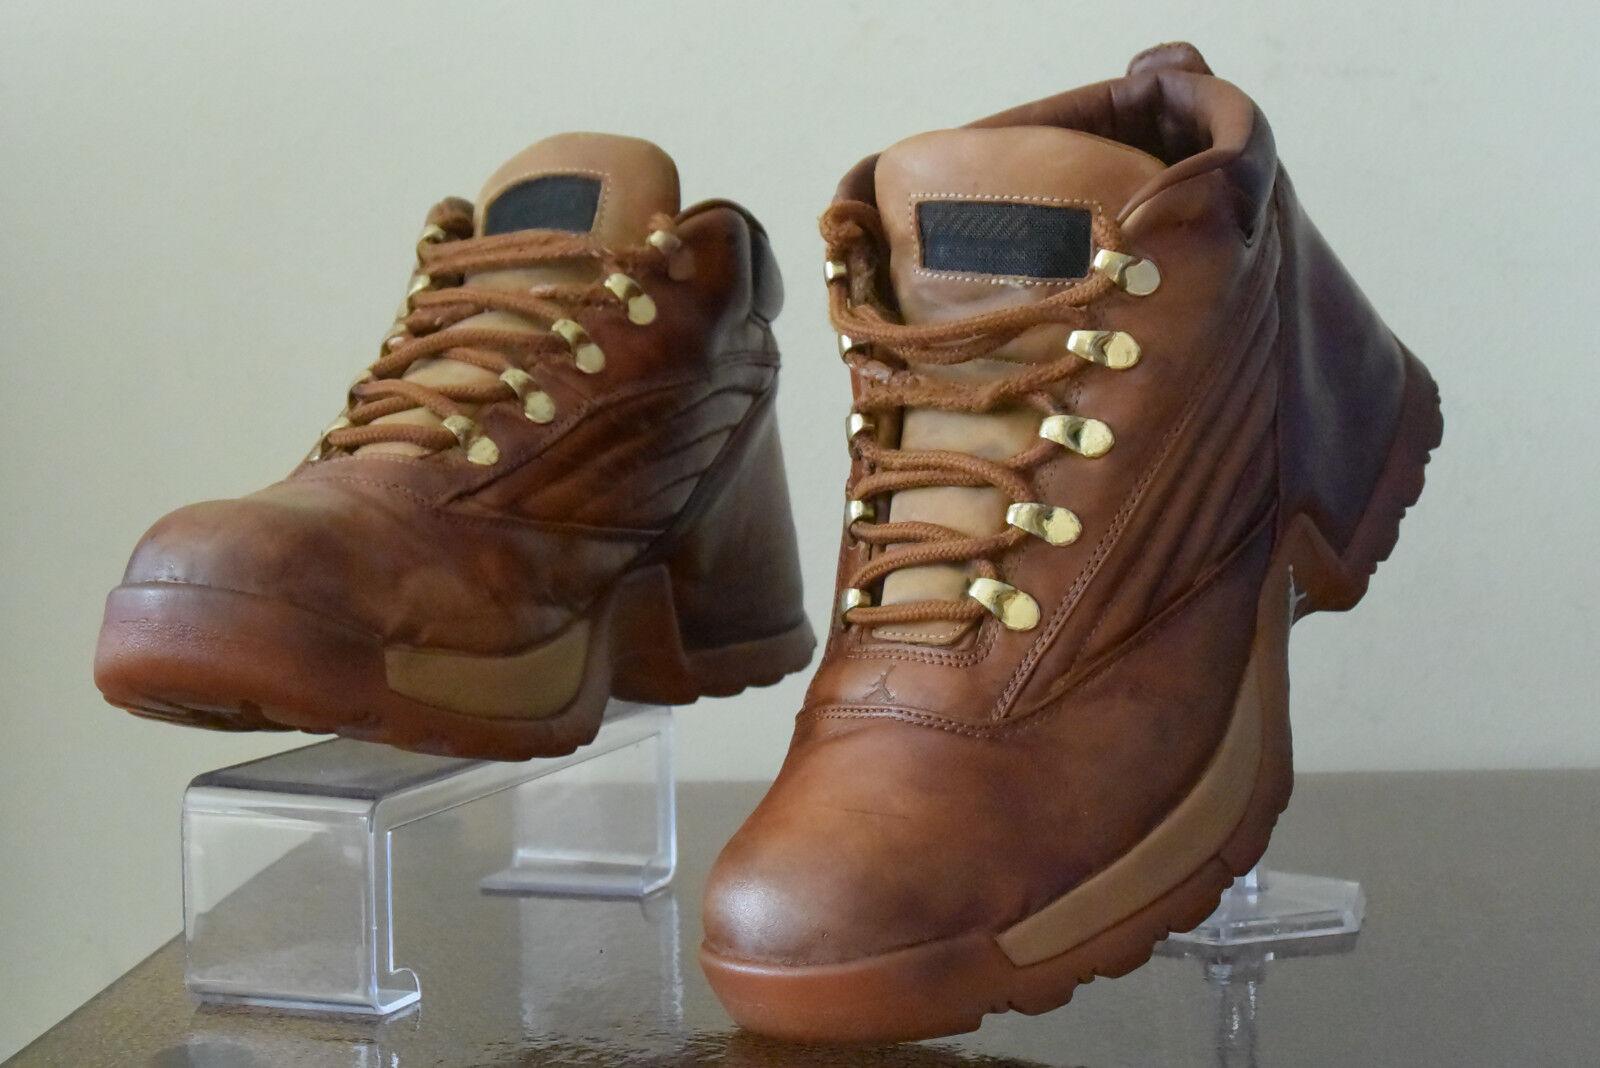 la dernière réduction et des chaussures pour hommes et réduction femmes nike air jordan downtown botte blé 136092 701 sz.11 ce257e